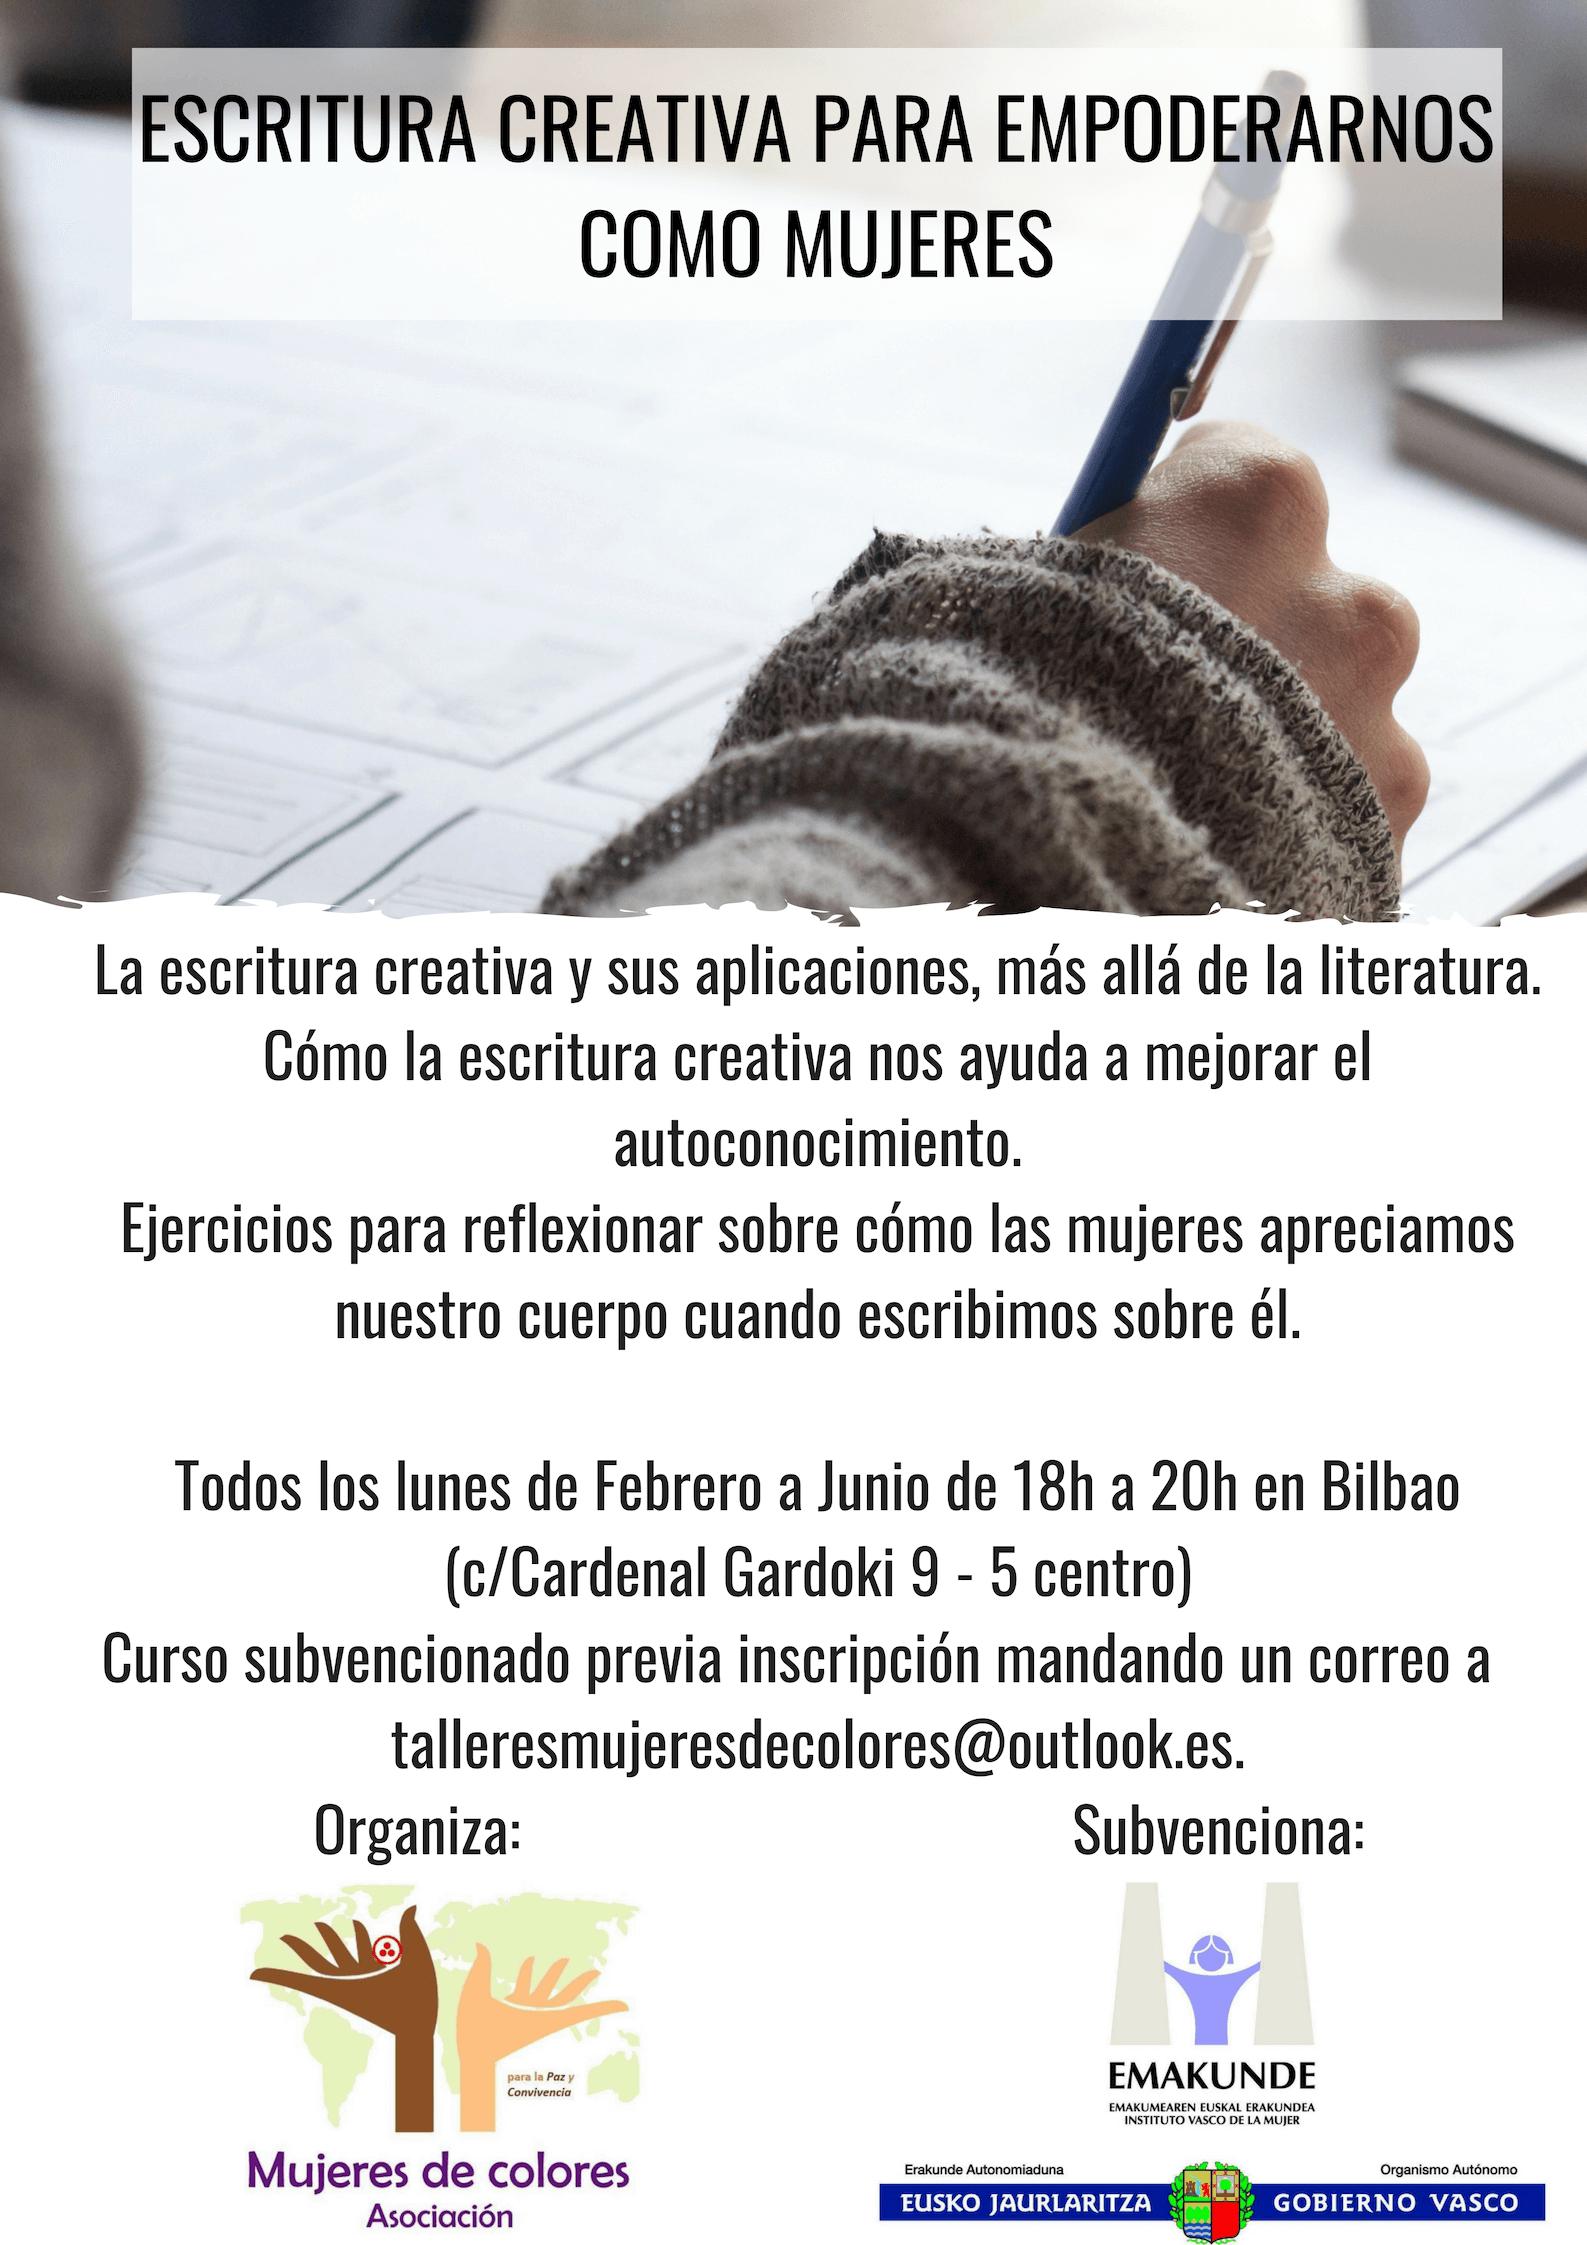 Curso gratuito de Escritura creativa para mujeres en Bilbao